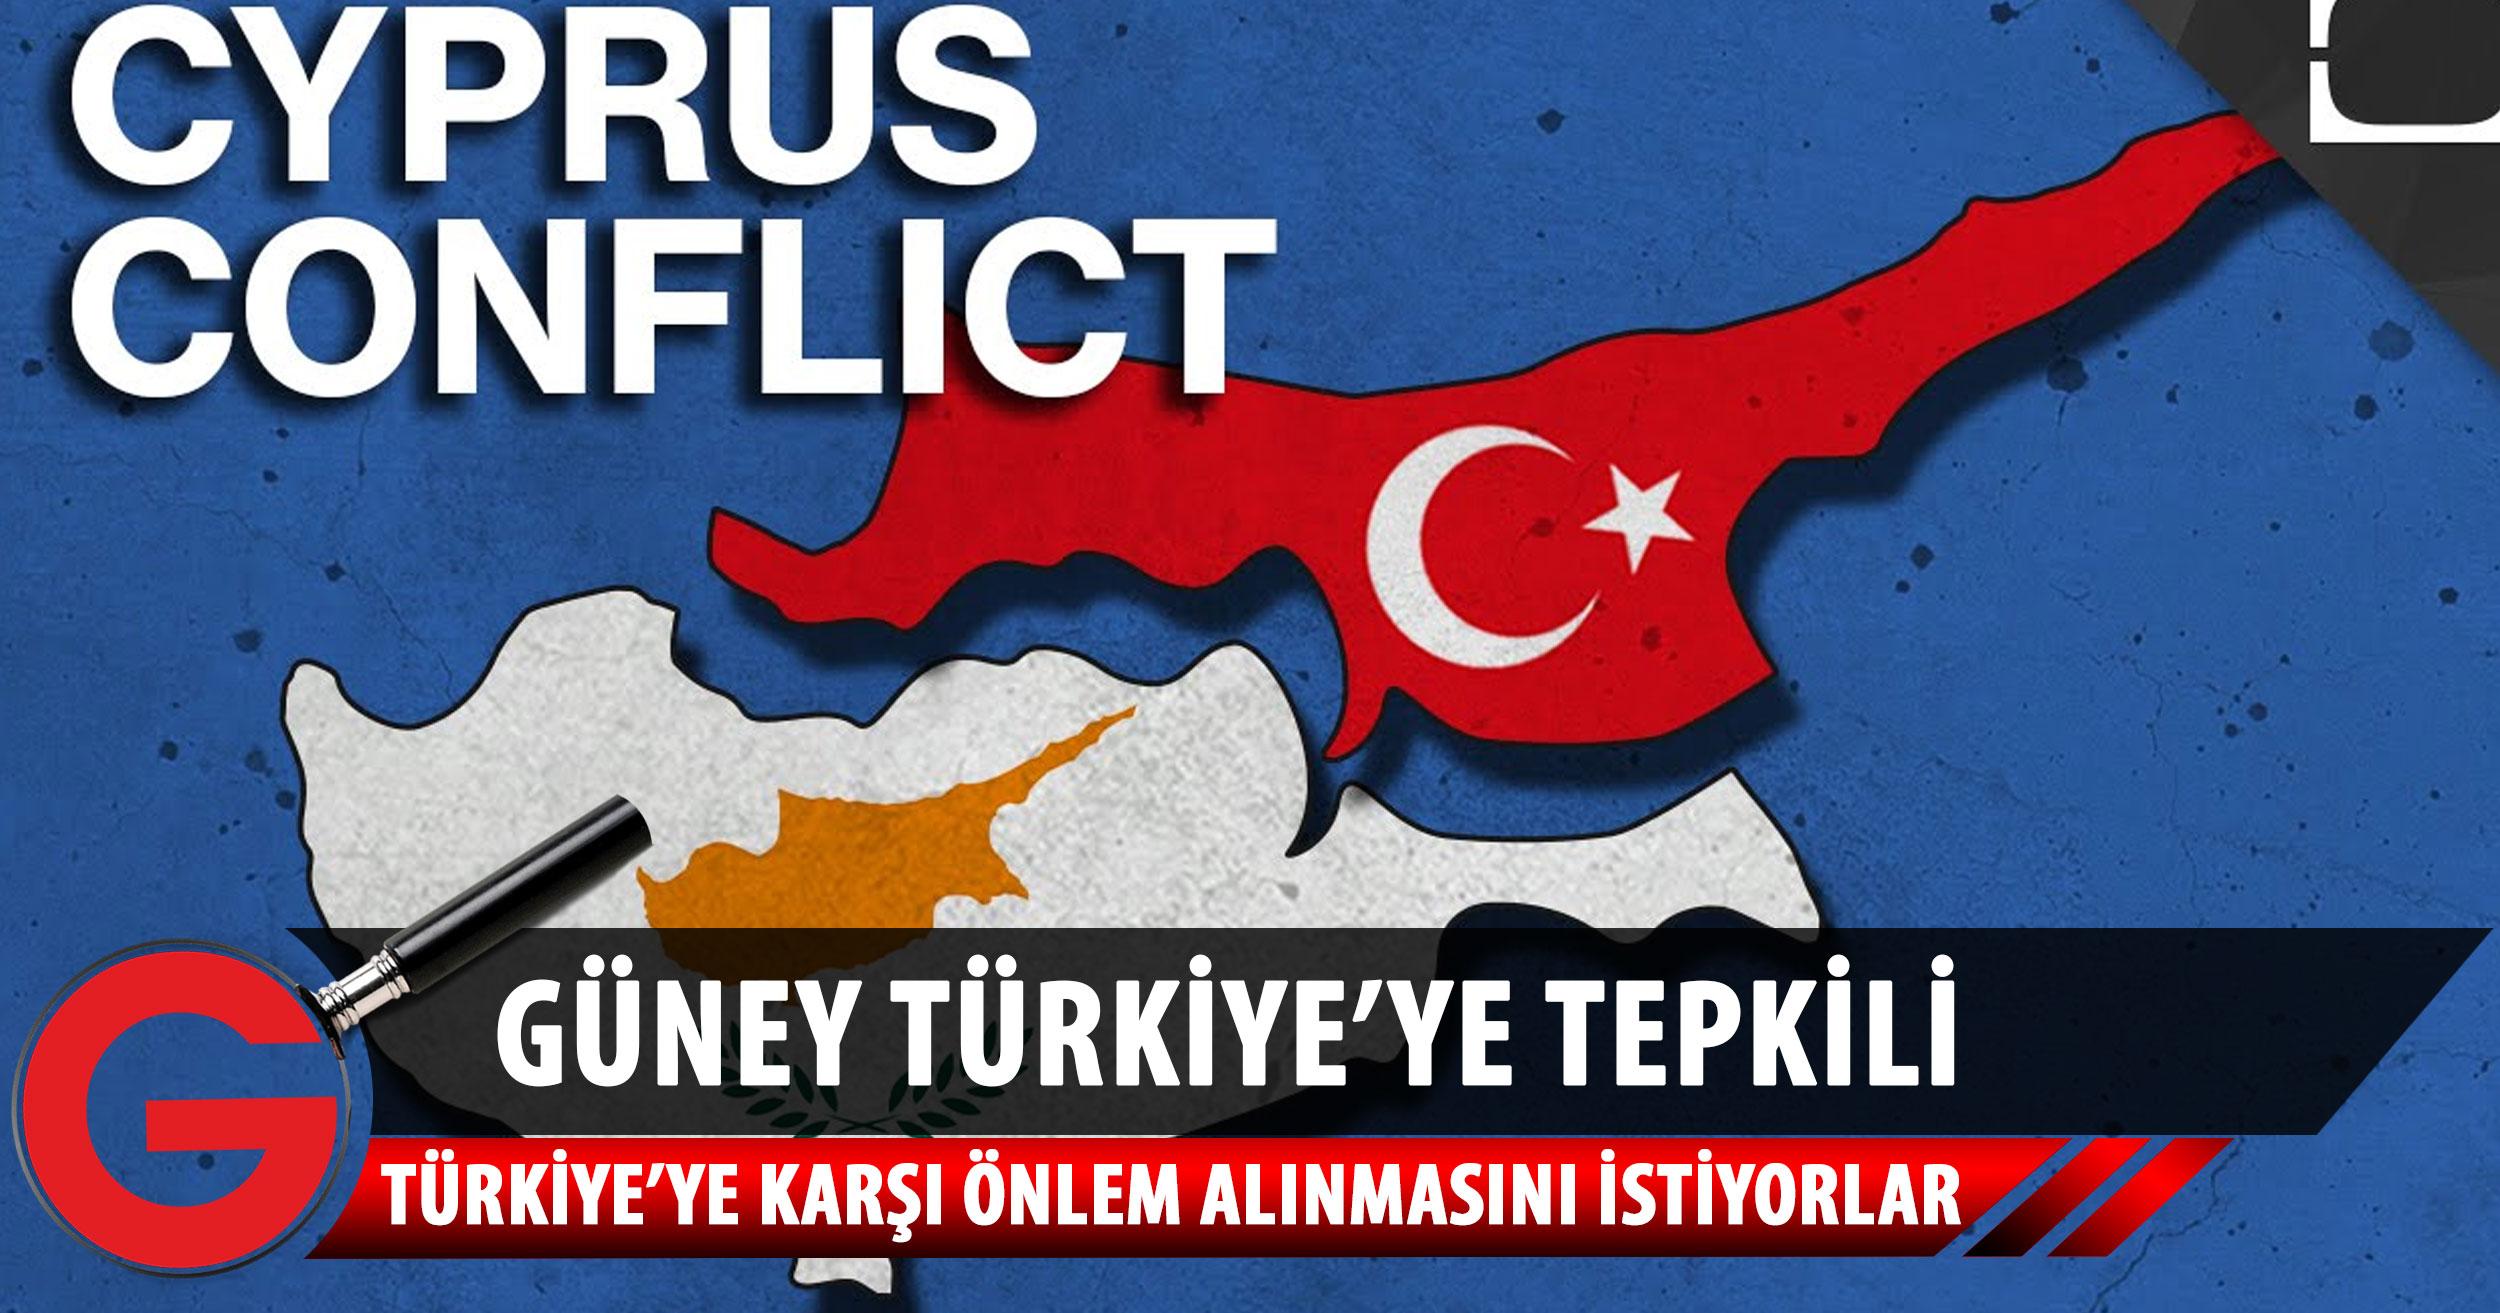 """Güney'de siyasi partiler Türkiye'ye karşı """"Önlem alınmasını"""" İstiyor"""